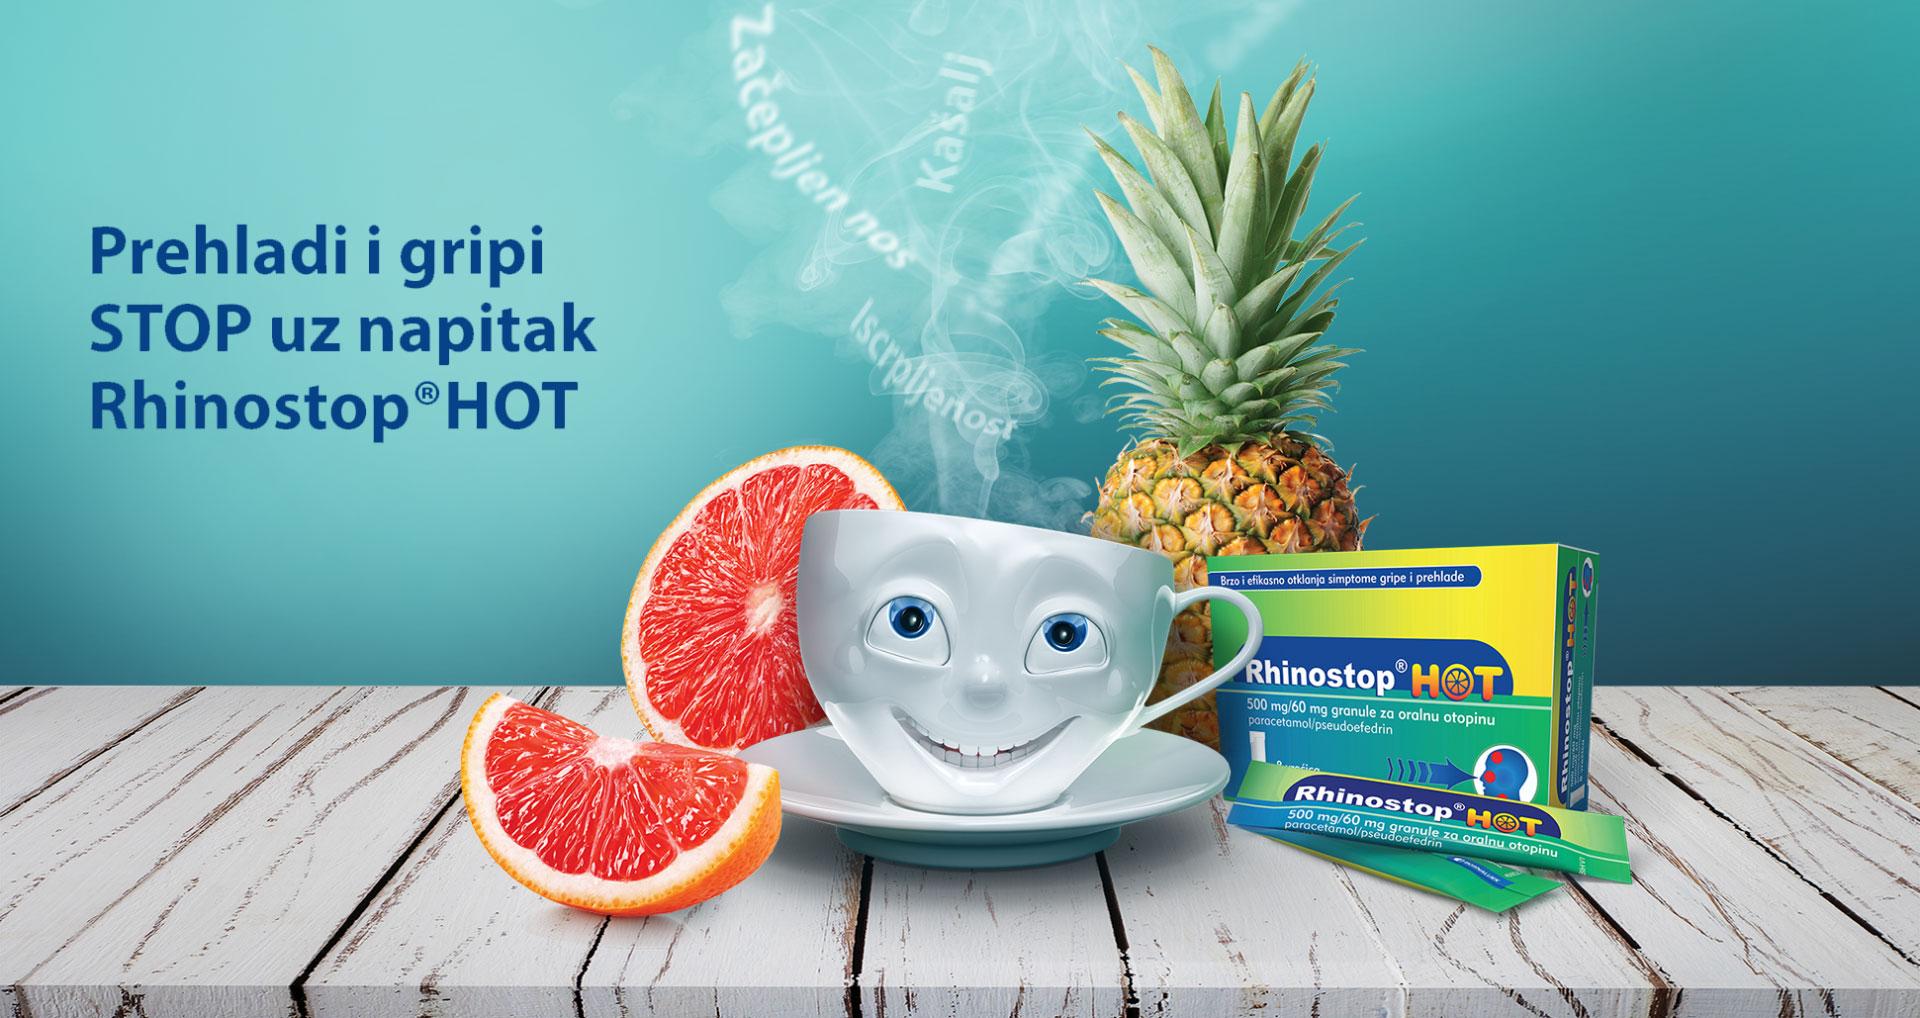 hipertenzija i prehlade koja se može)